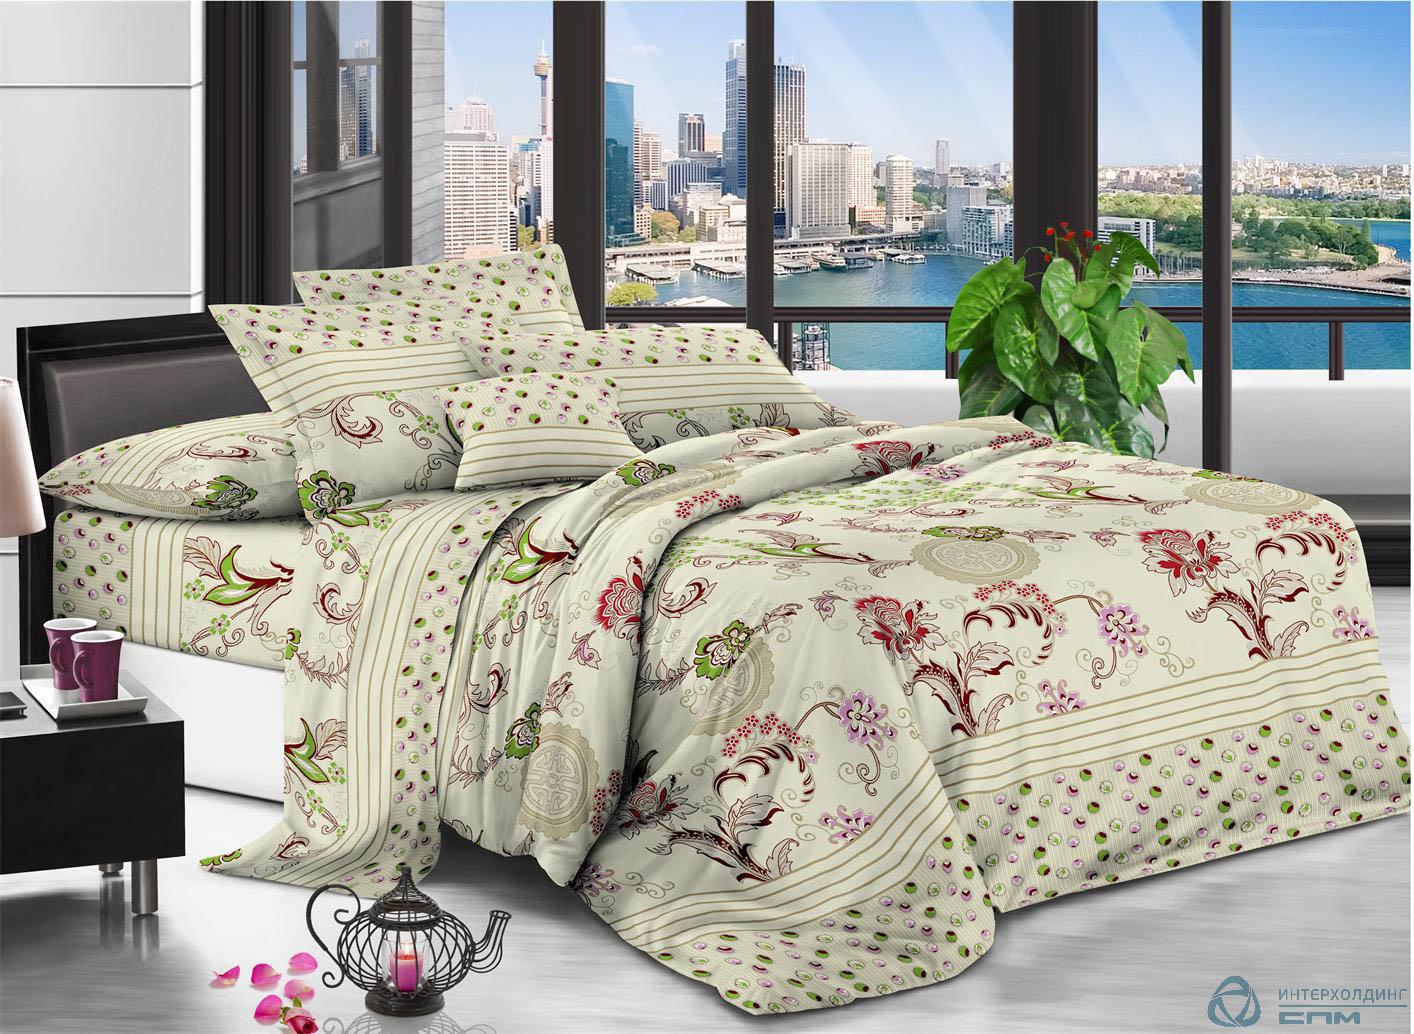 {} Eleganta Постельное белье с одеялом Kyler (1,5 спал.)